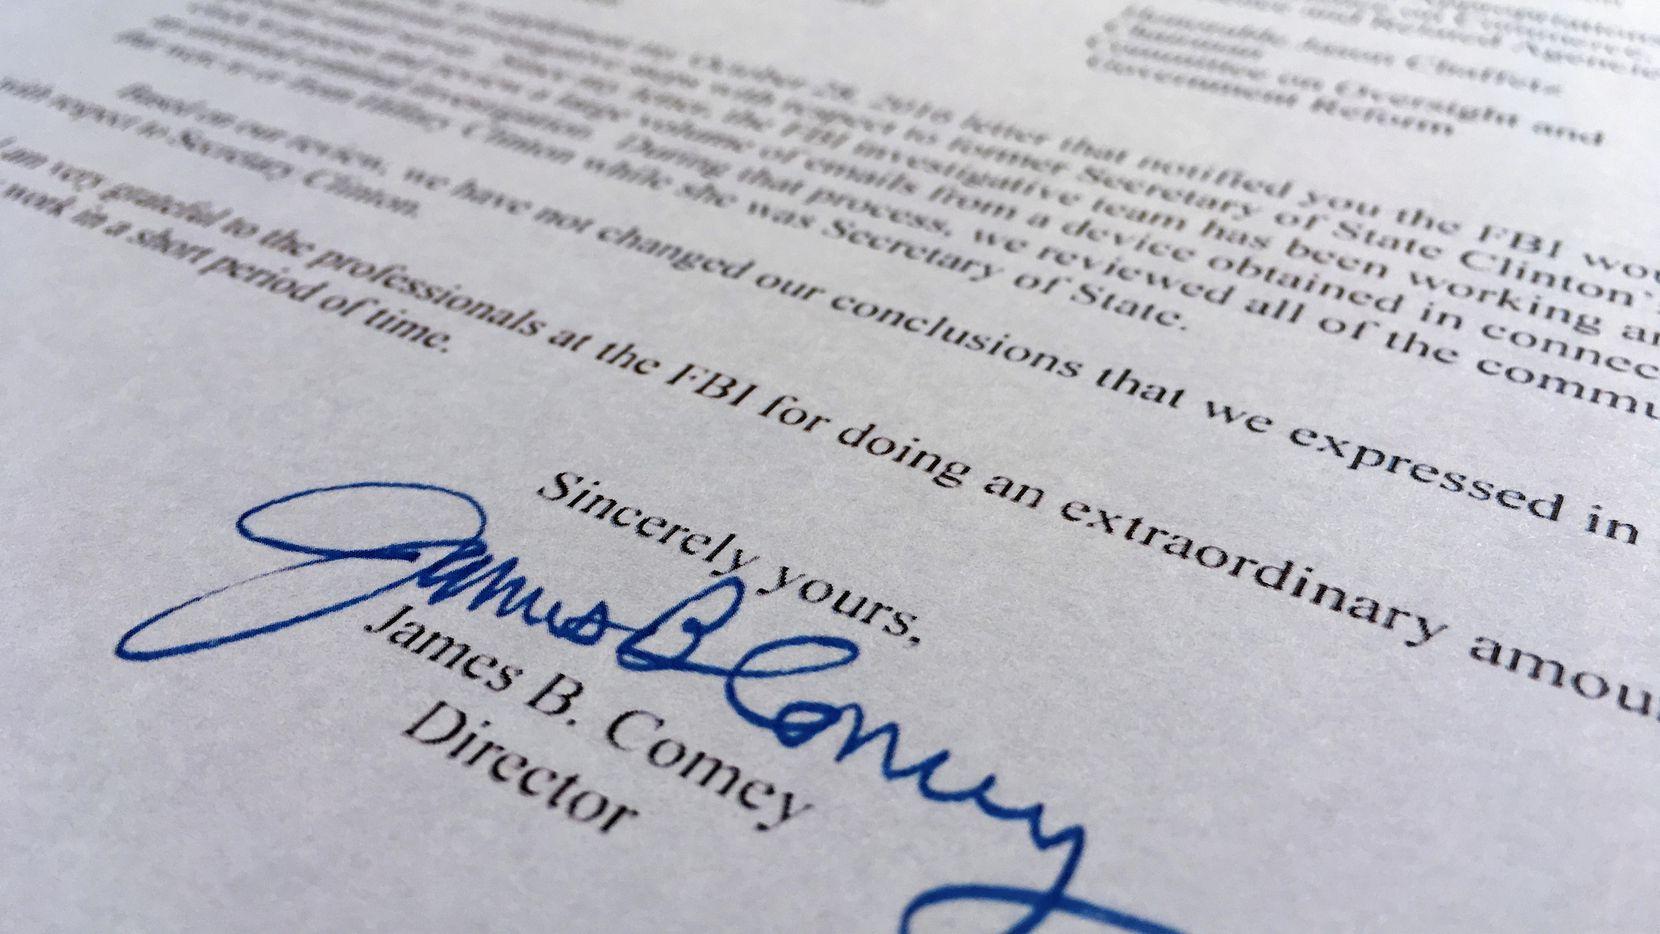 La carta que el director del FBI James B. Comey envió al congreso el domingo. (AP)